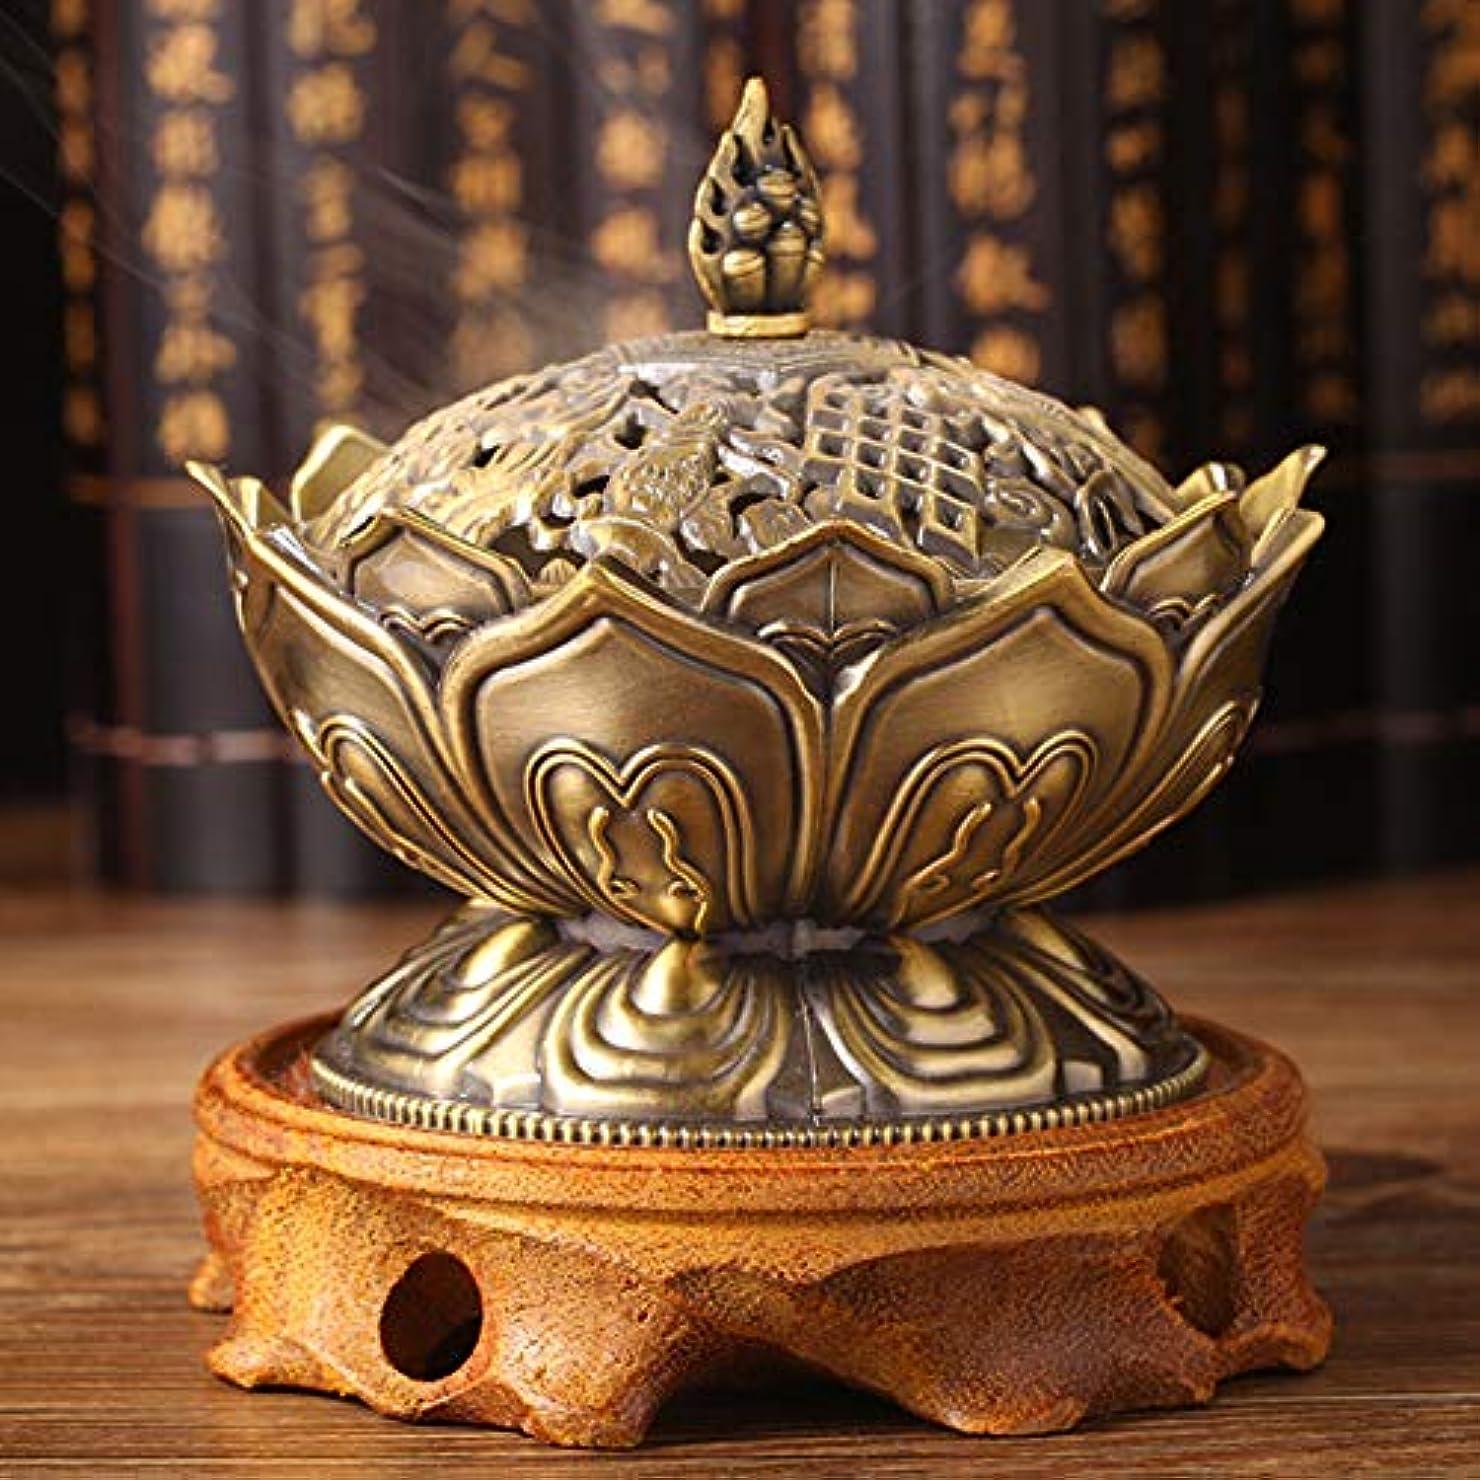 お香バーナークラフトホルダーストーブホーム装飾コレクション圧力解放アロマセラピーミニ合金幸運(ブロンズ)